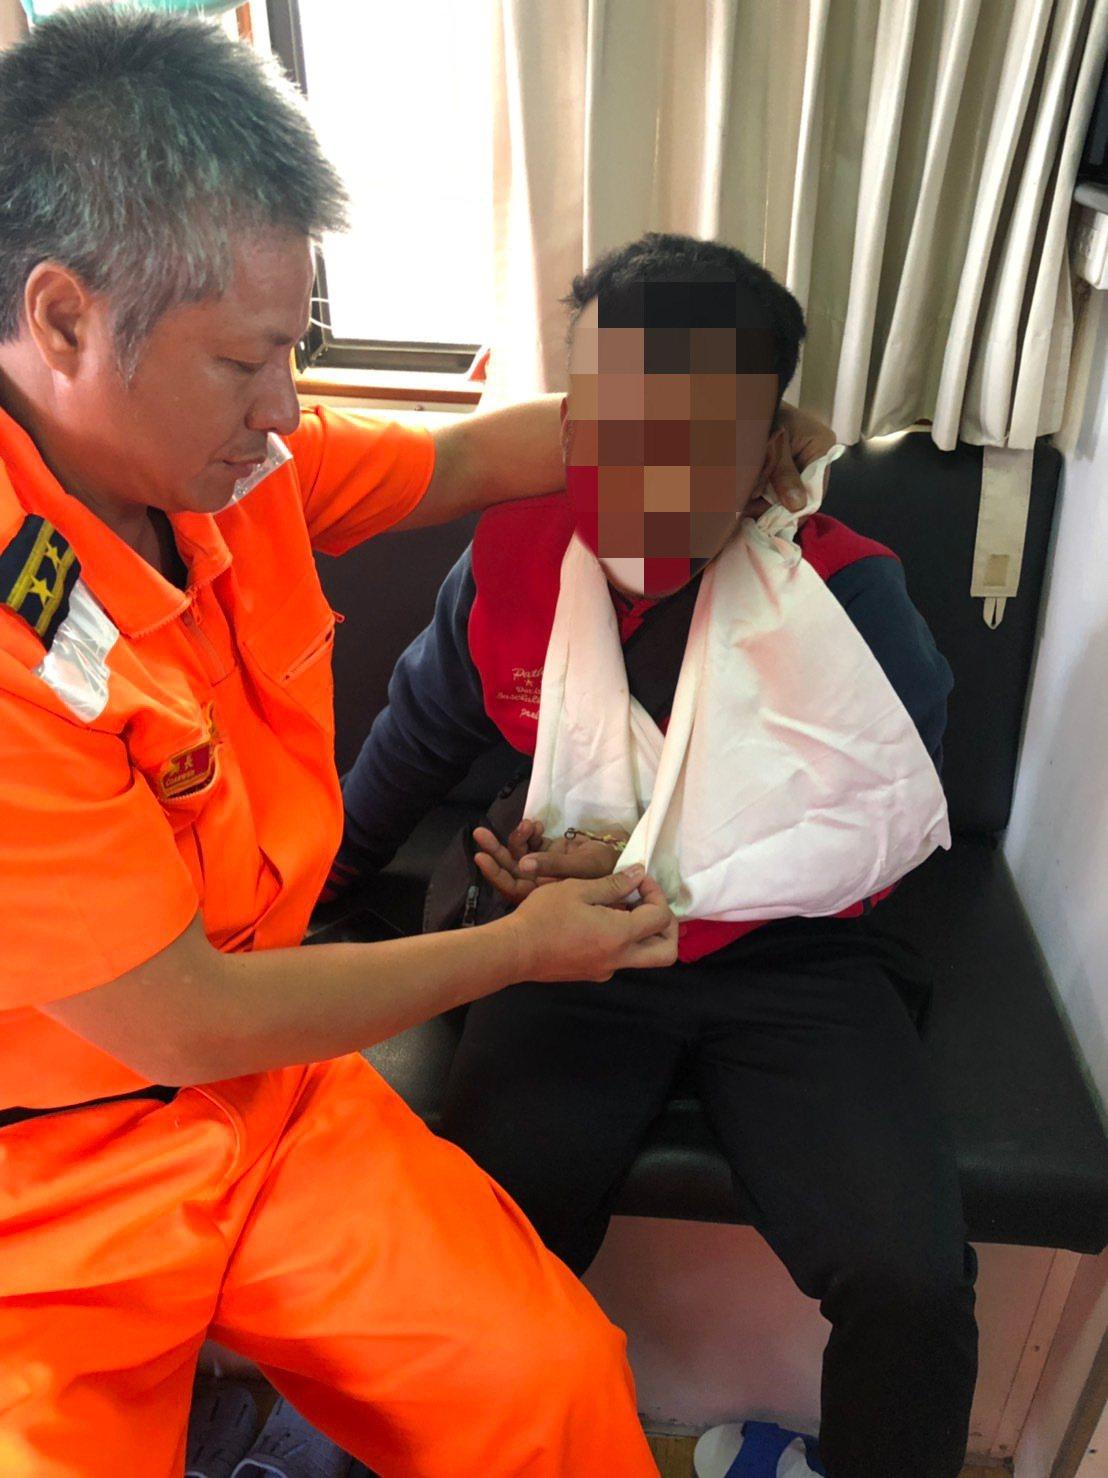 一名印尼籍船員釣魚魚鉤不慎反勾自己左手掌,花蓮海巡隊馳援送醫。圖/花蓮海巡隊提供